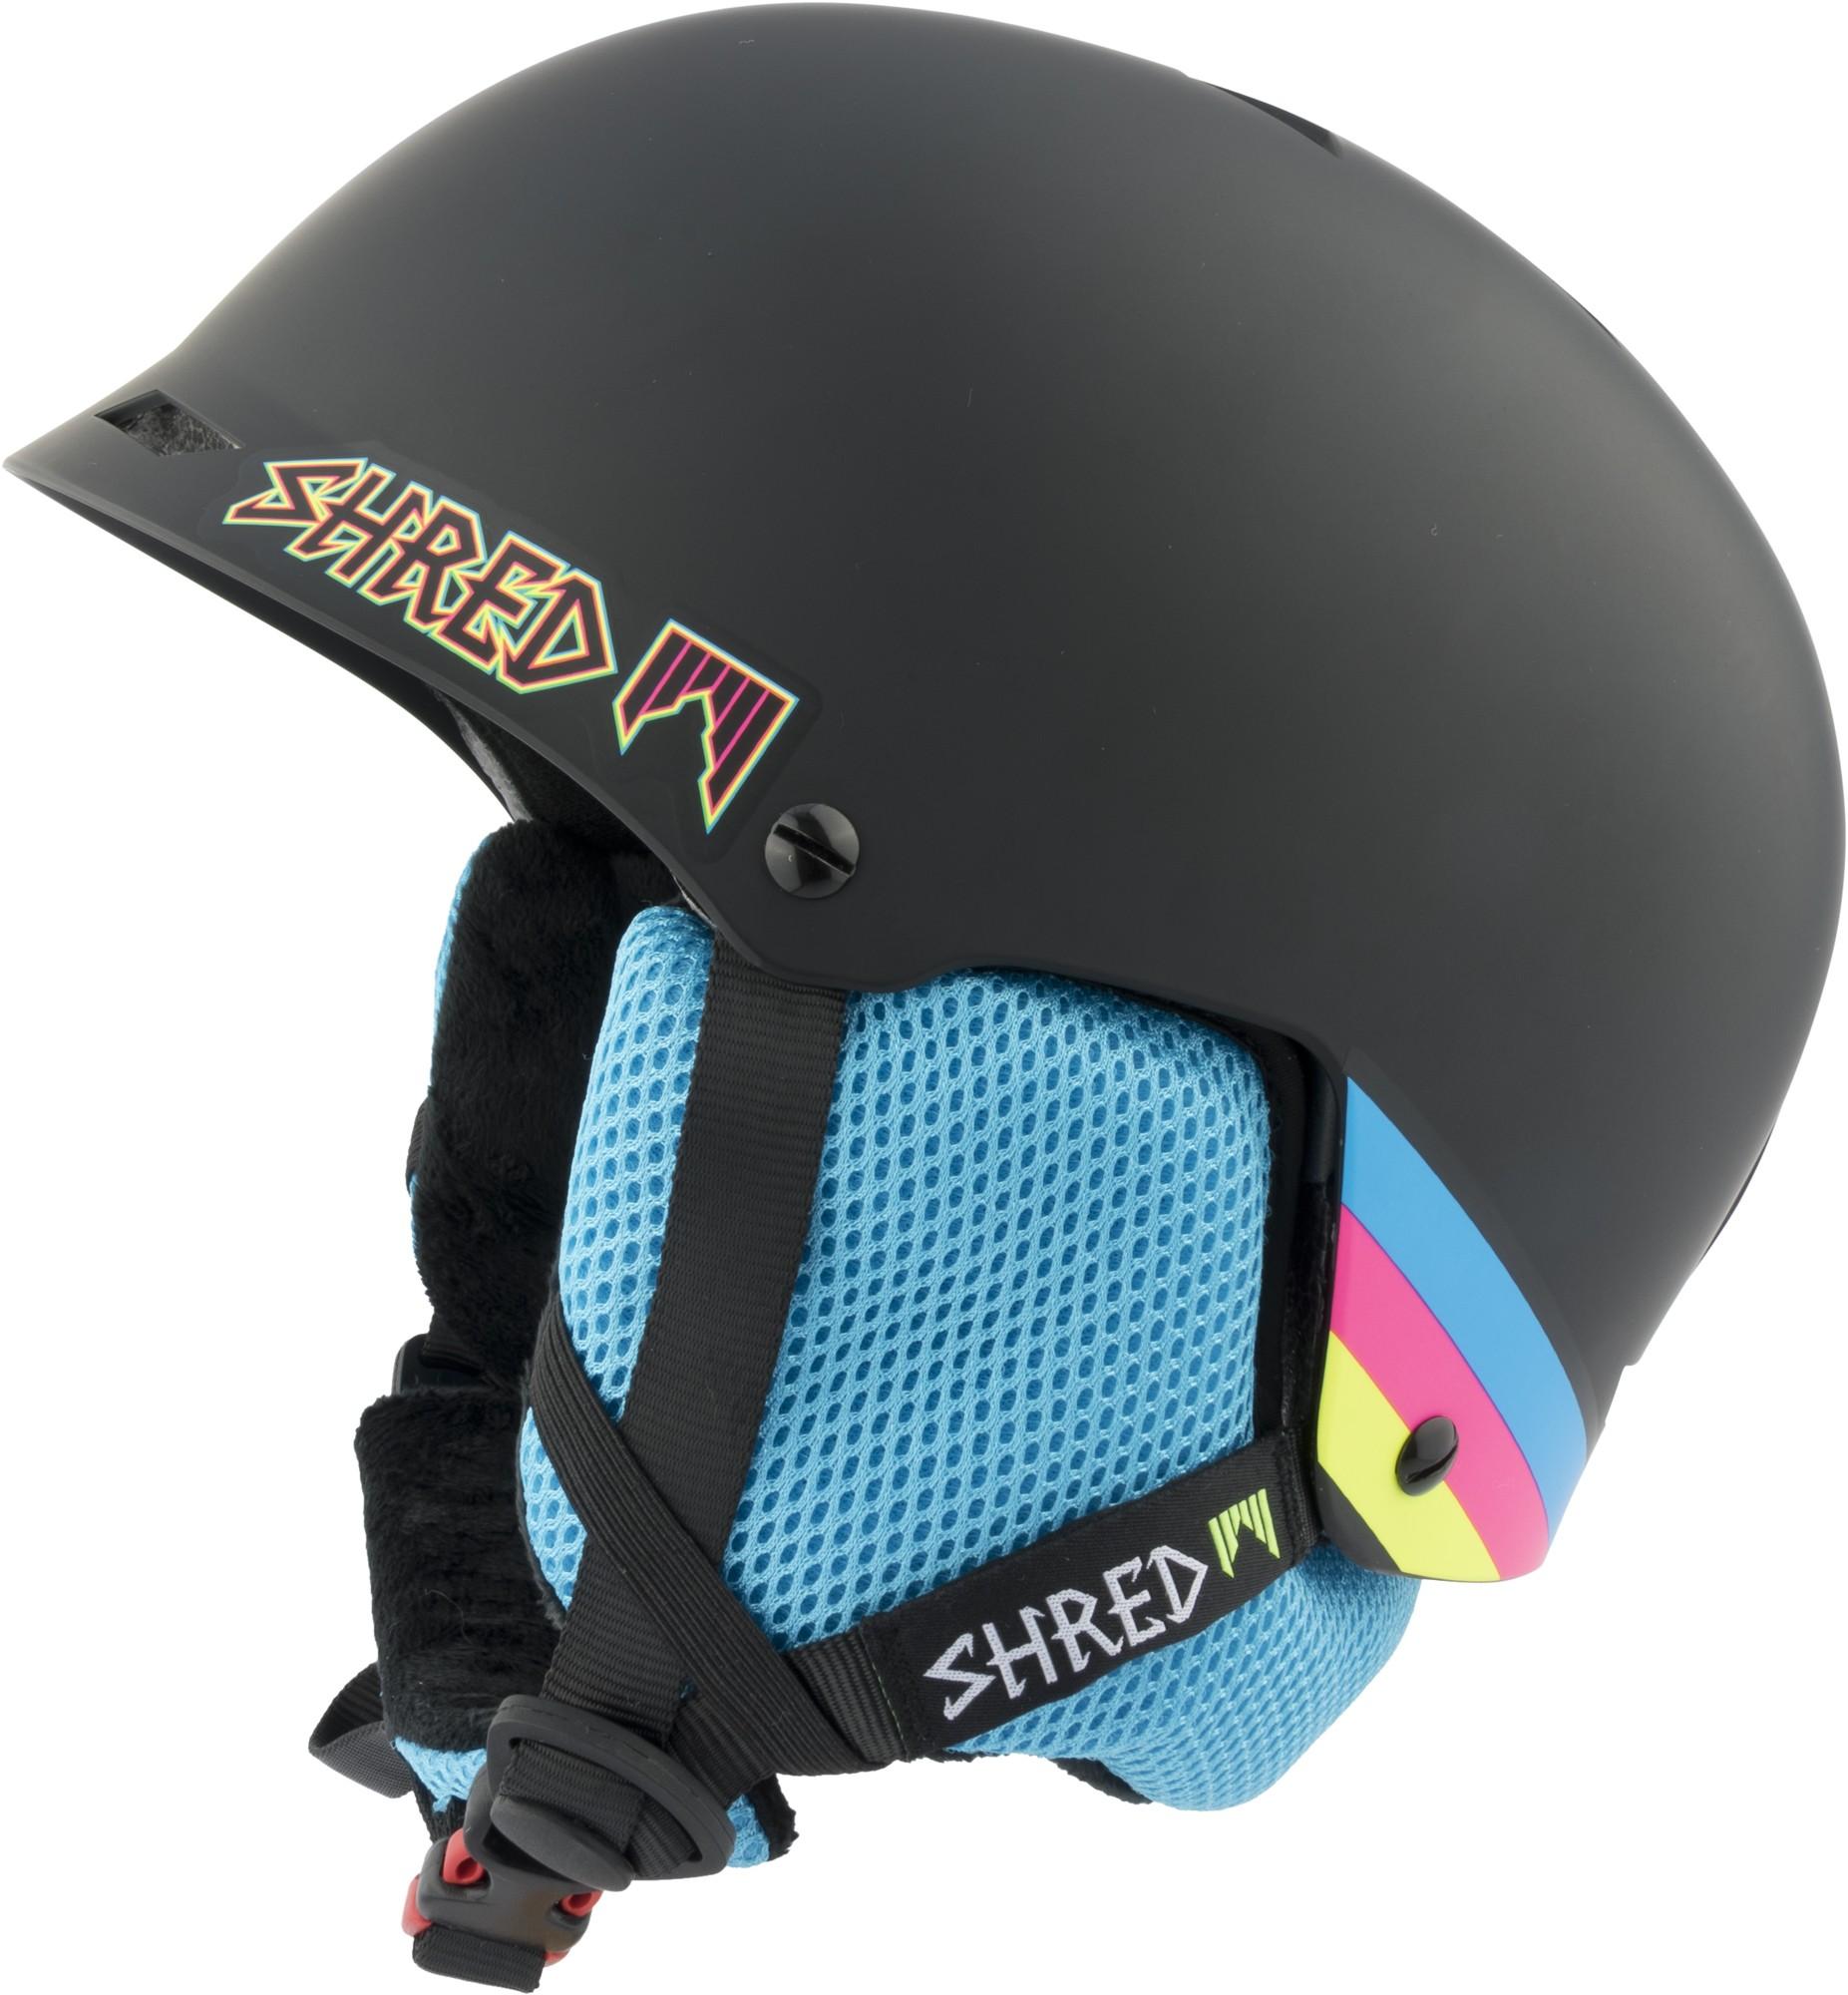 Shred Half Brain SHRASTA ski helmet, 2017